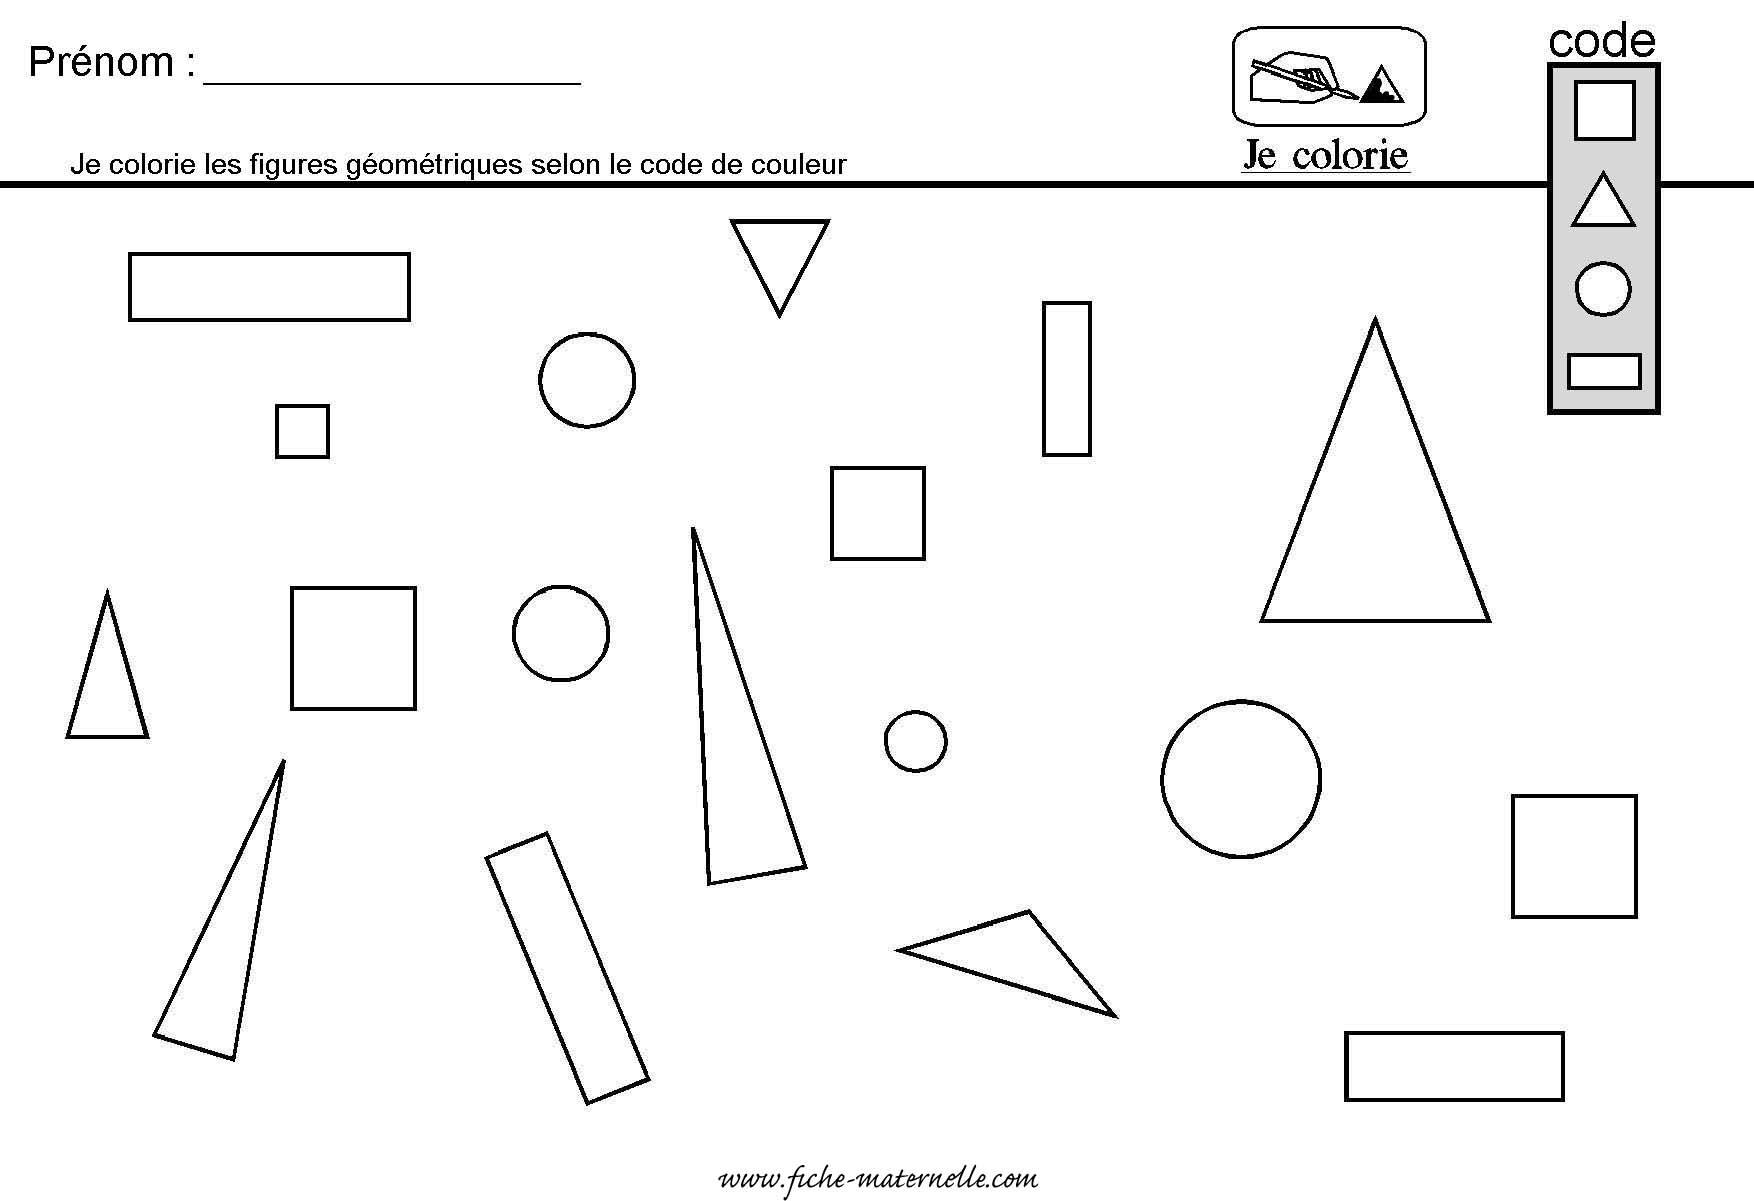 Coloriage forme geometriques maternelle for Dessin en forme geometrique